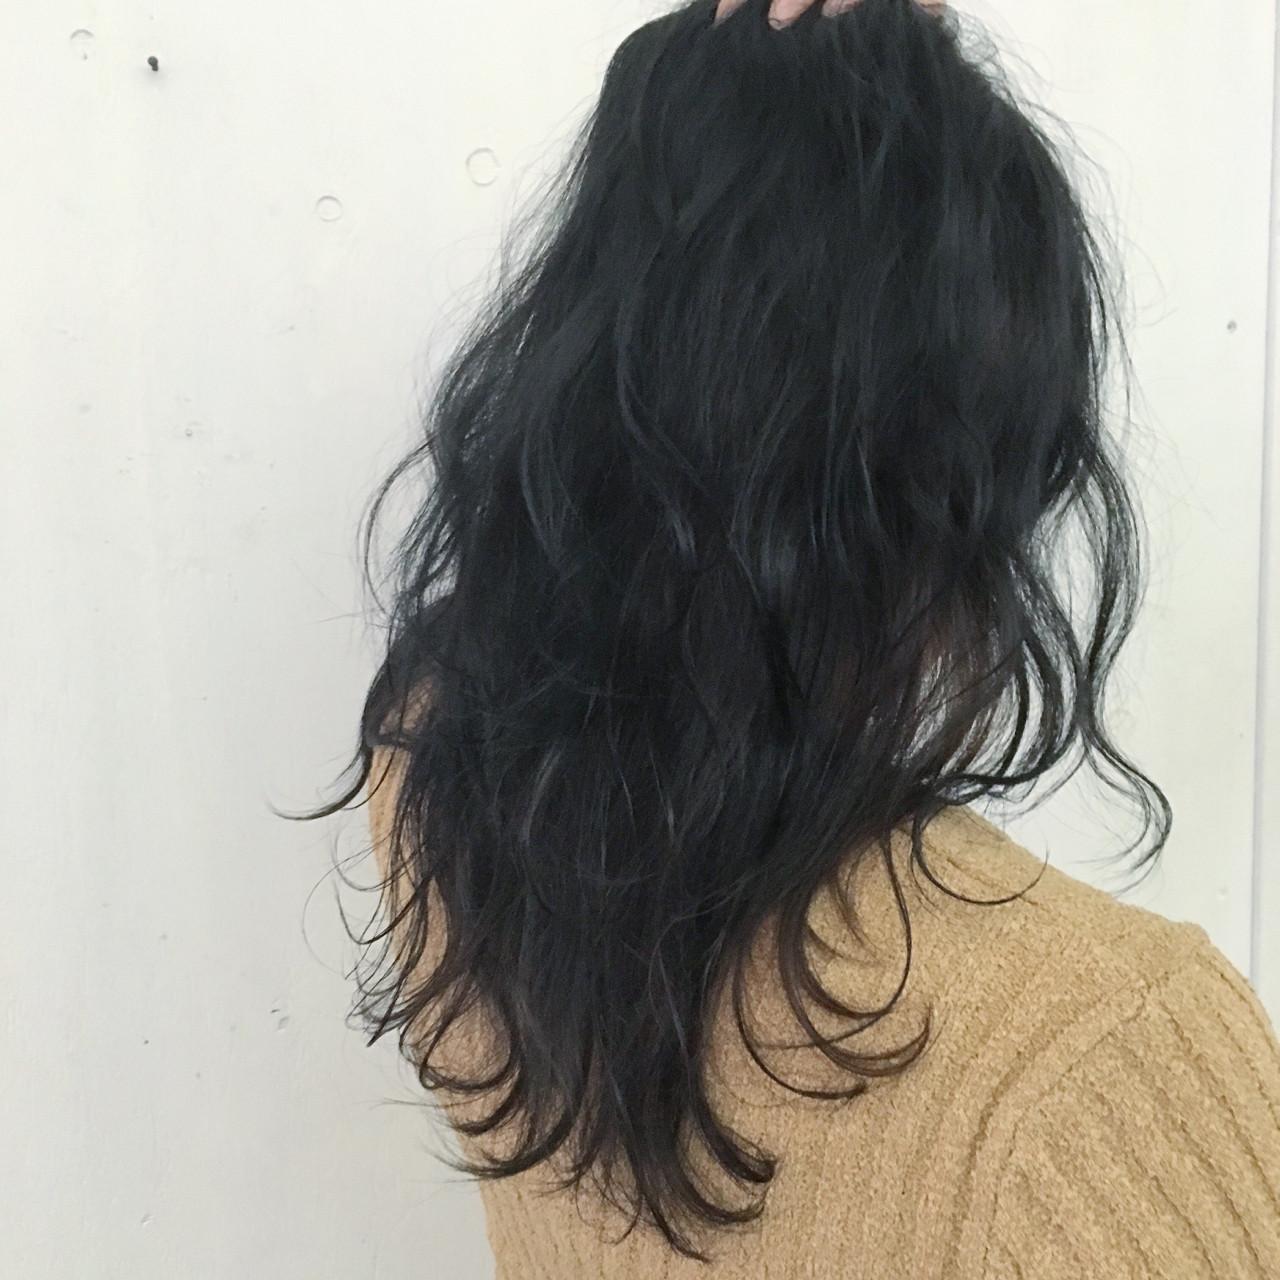 暗髪 モード ネイビー セミロング ヘアスタイルや髪型の写真・画像